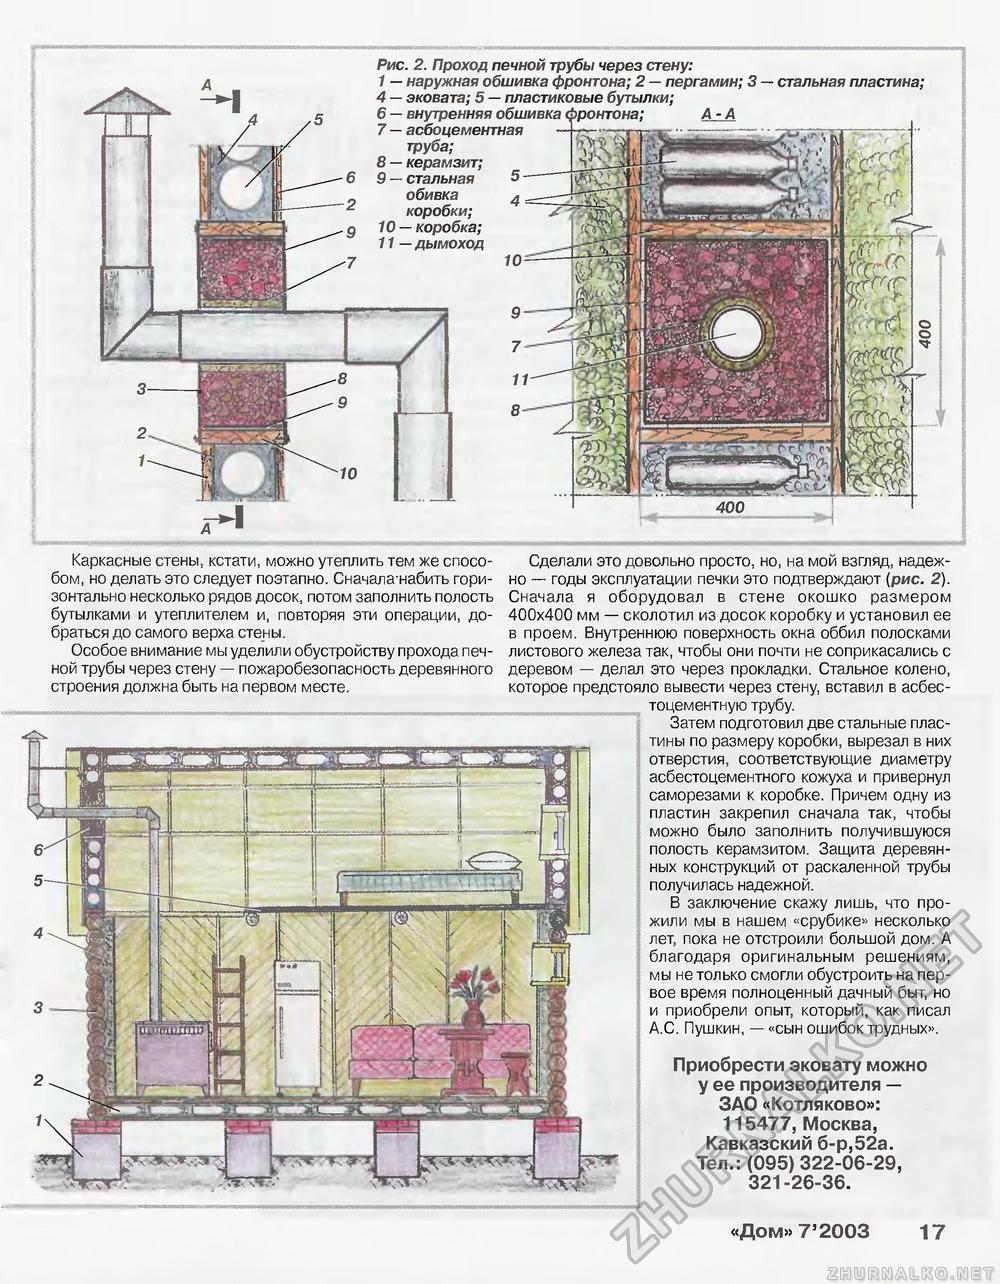 Проход дымохода через деревянное перекрытие - нормативы и технология 36